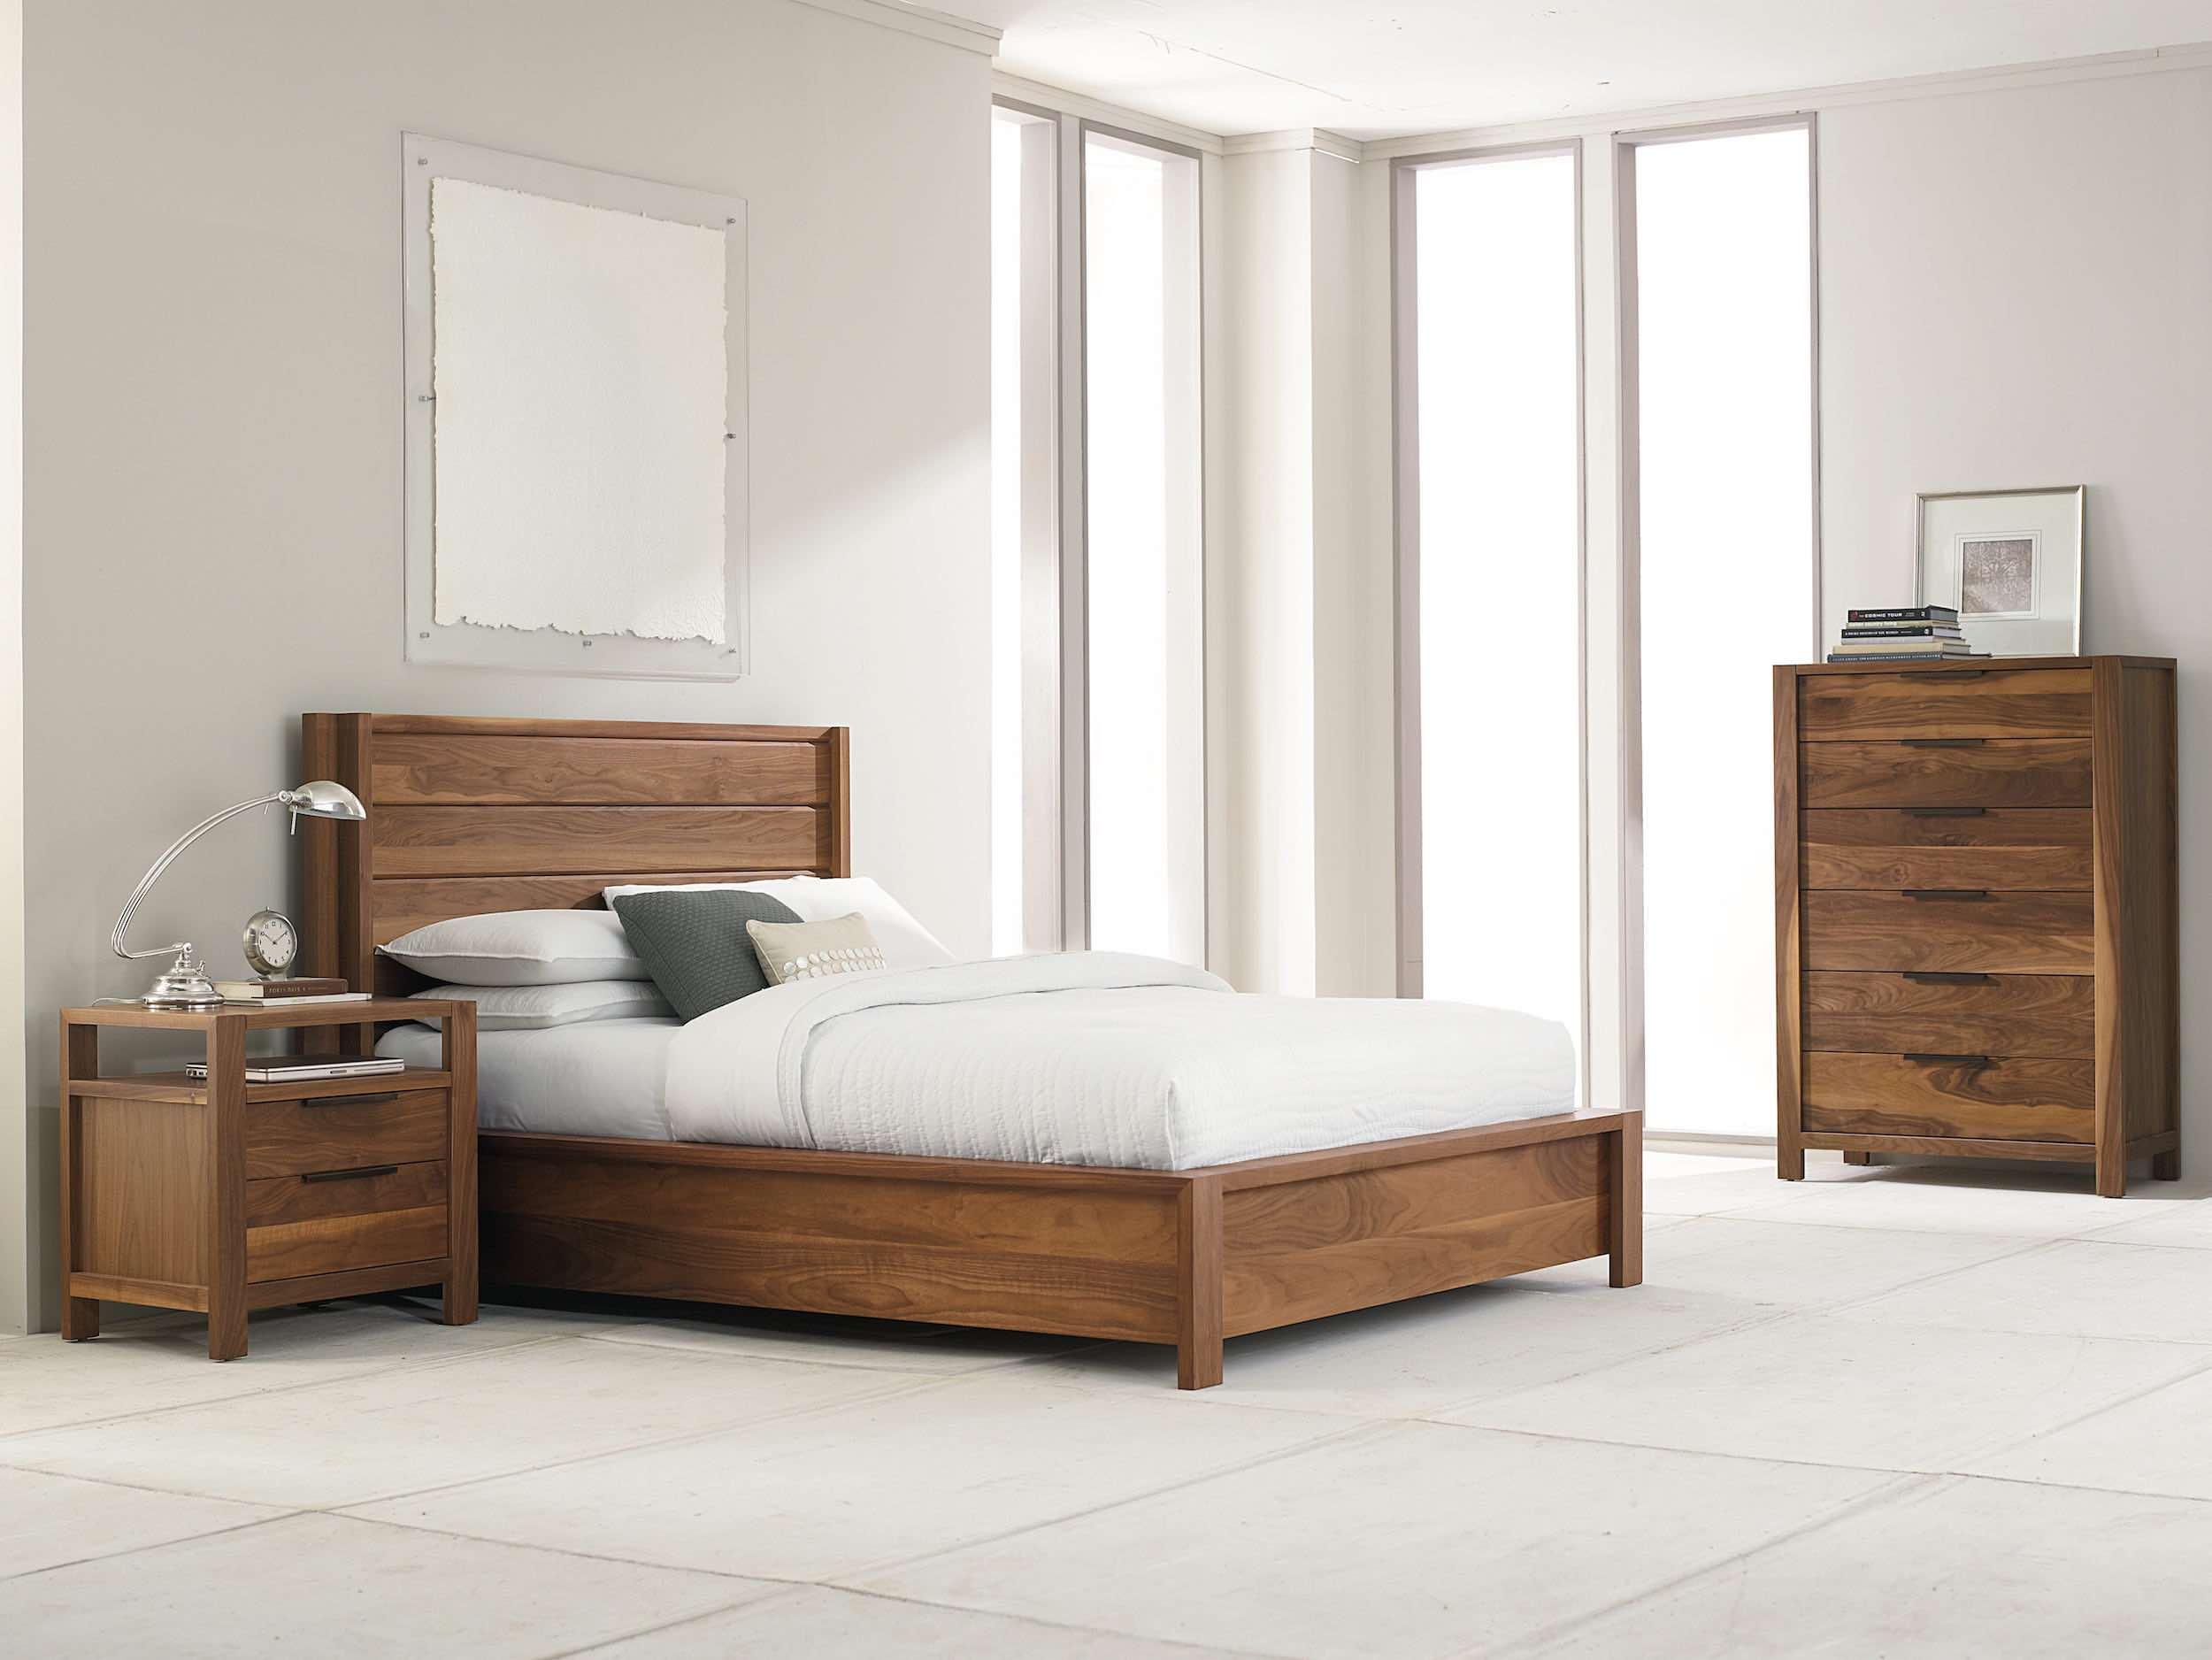 Parkview-Bedroom-D-3.jpg